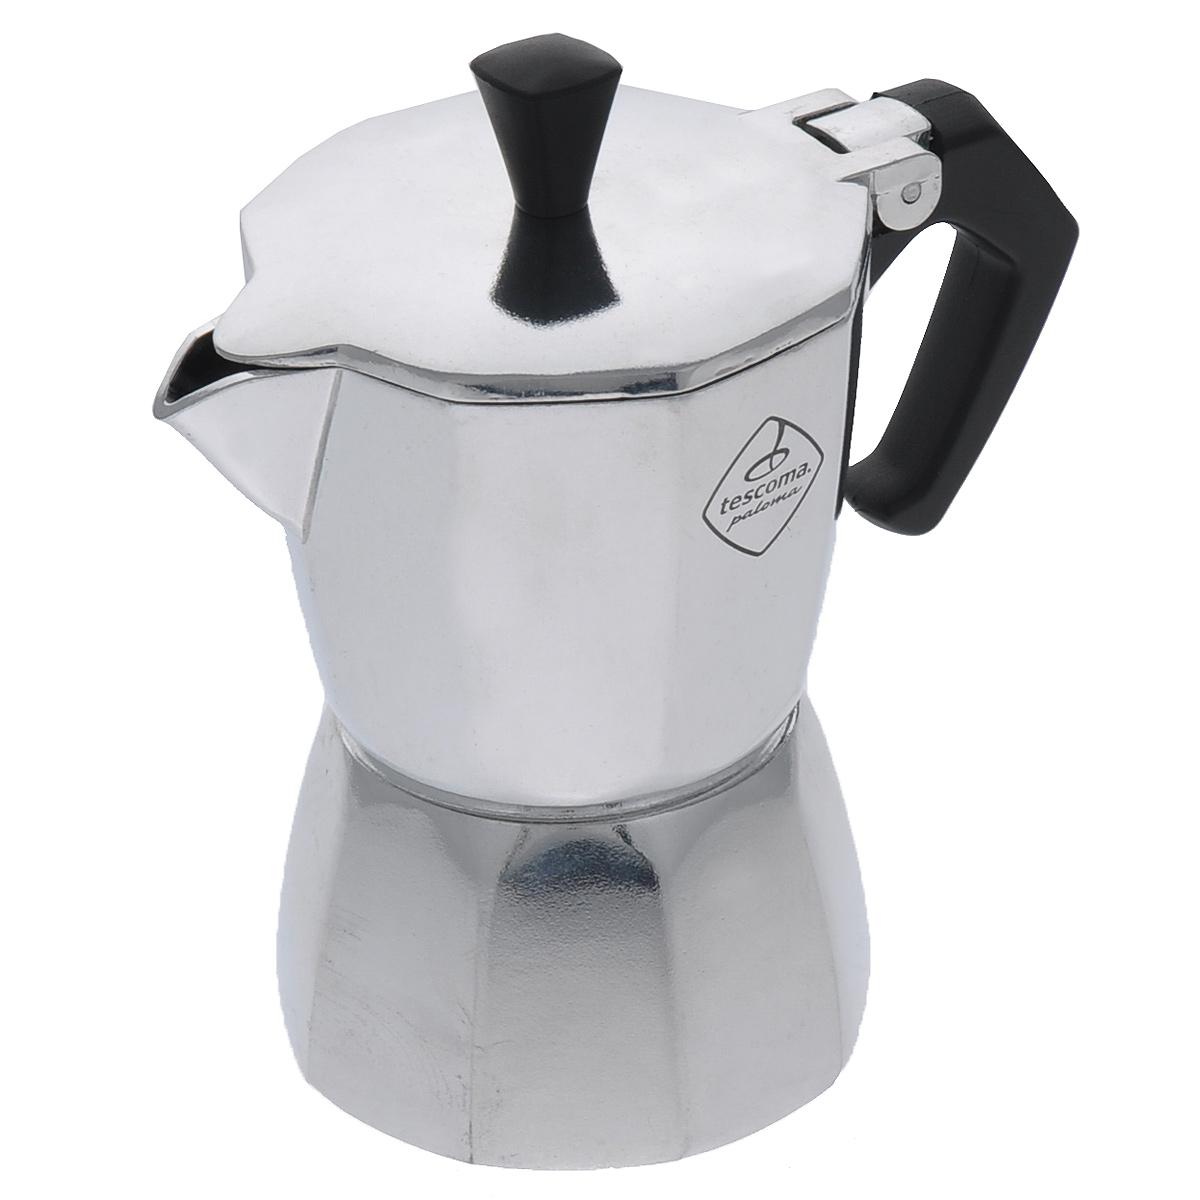 Кофеварка Tescoma Paloma, на 1 чашку9933 WB_зеленыйКофеварка Tescoma Paloma идеально подходит для приготовления традиционного кофе экспрессо. Кофеварка изготовлена из гигиенически безопасного алюминия (EN 601). Эргономичная рукоятка выполнена из жароупорной пластмассы, поэтому не обжигает руки. Кофеварка очень проста в использовании: - наполните основание водой, - насыпьте туда кофе, - закройте, - поставьте на плиту, - сварите кофе, - подавайте на стол. Объем рассчитан на приготовление одной чашки кофе. Стильный дизайн кофеварки Tescoma сделает ее ярким элементом интерьера вашего дома! Можно использовать на газовых, электрических, керамических плитах. Нельзя мыть в посудомоечной машине.